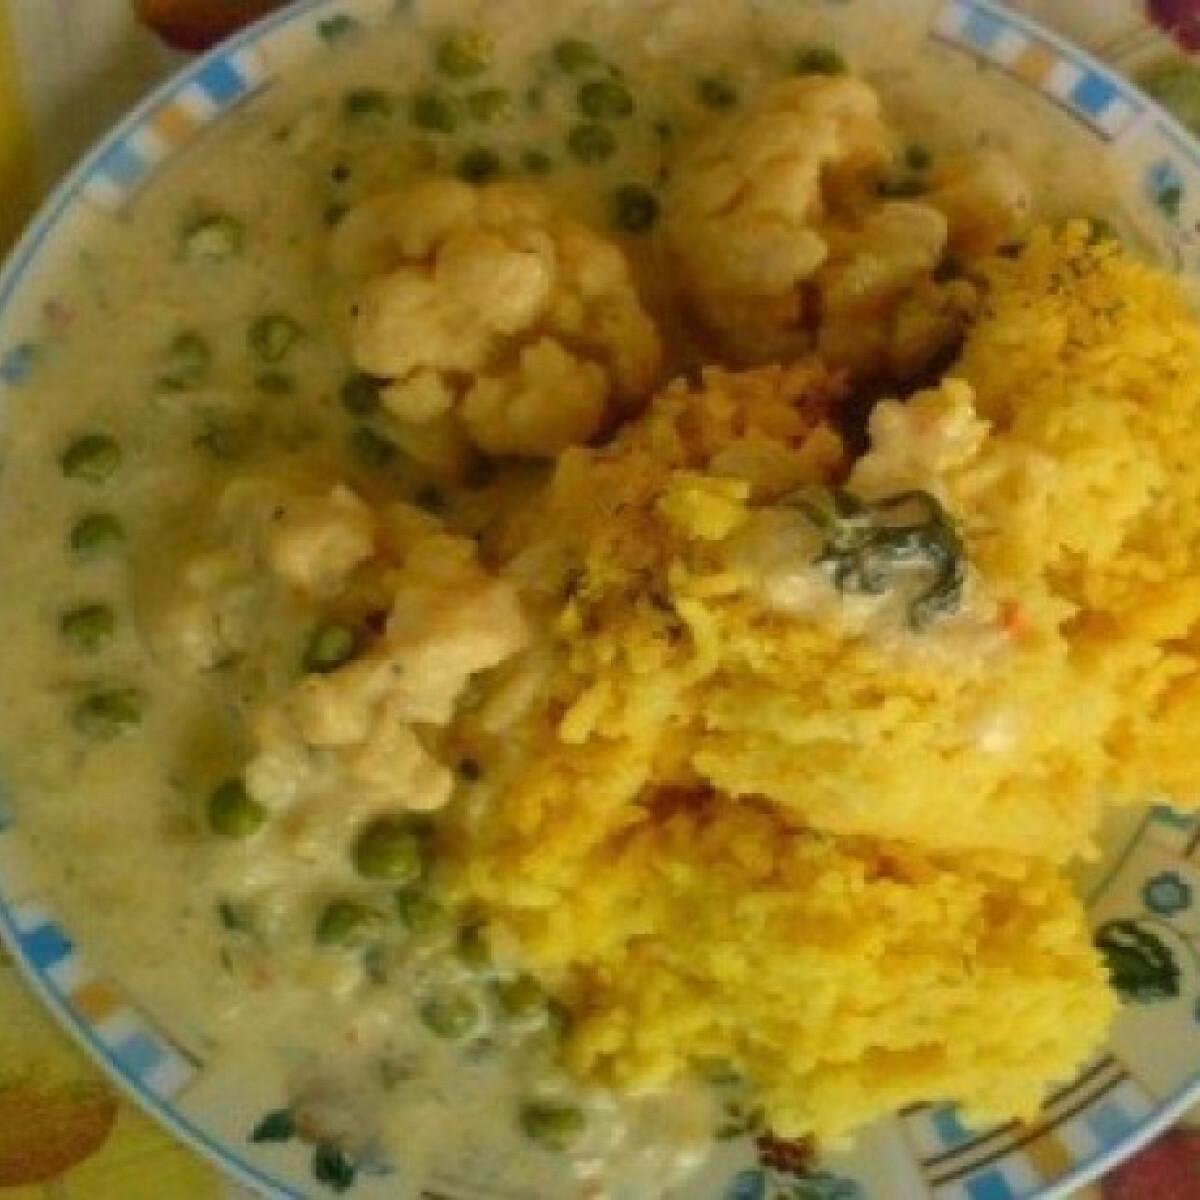 Ezen a képen: Főzőtökös-karfiolos tejszínszósz párolt rizzsel